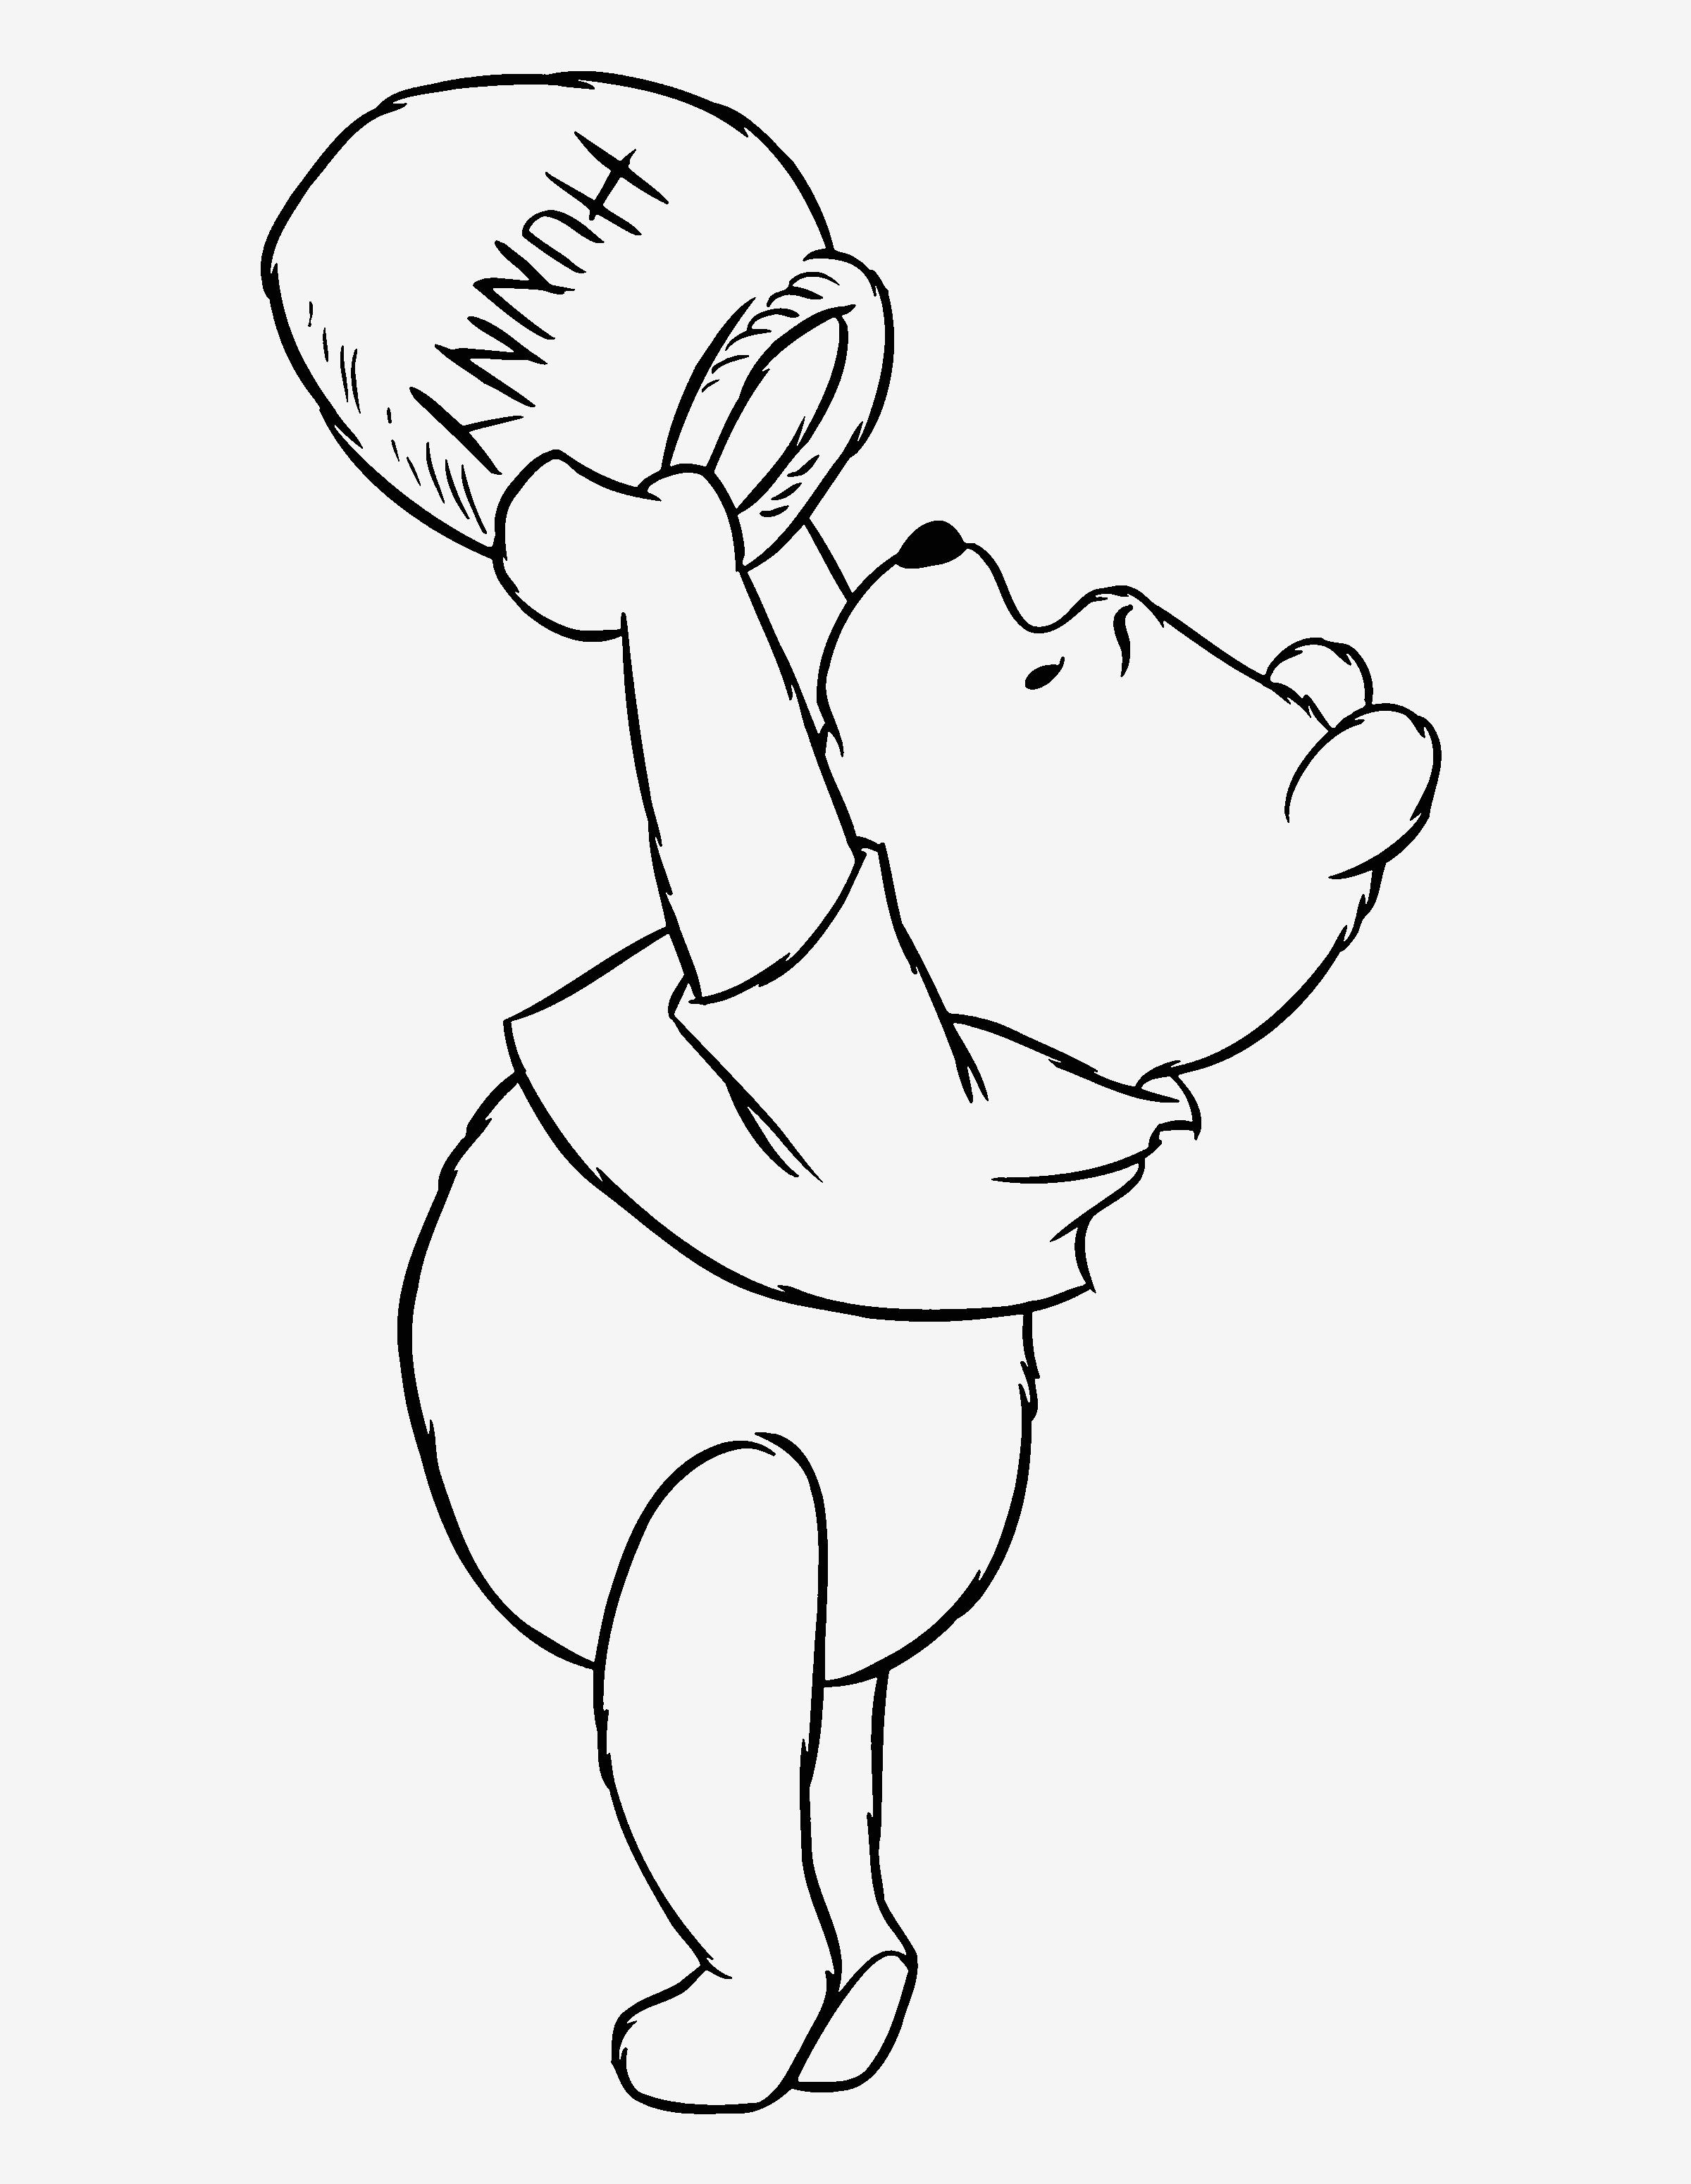 Winni Pooh Ausmalbilder Das Beste Von Bilder Zum Ausmalen Bekommen Winnie Pooh Malvorlagen Kostenlos Galerie